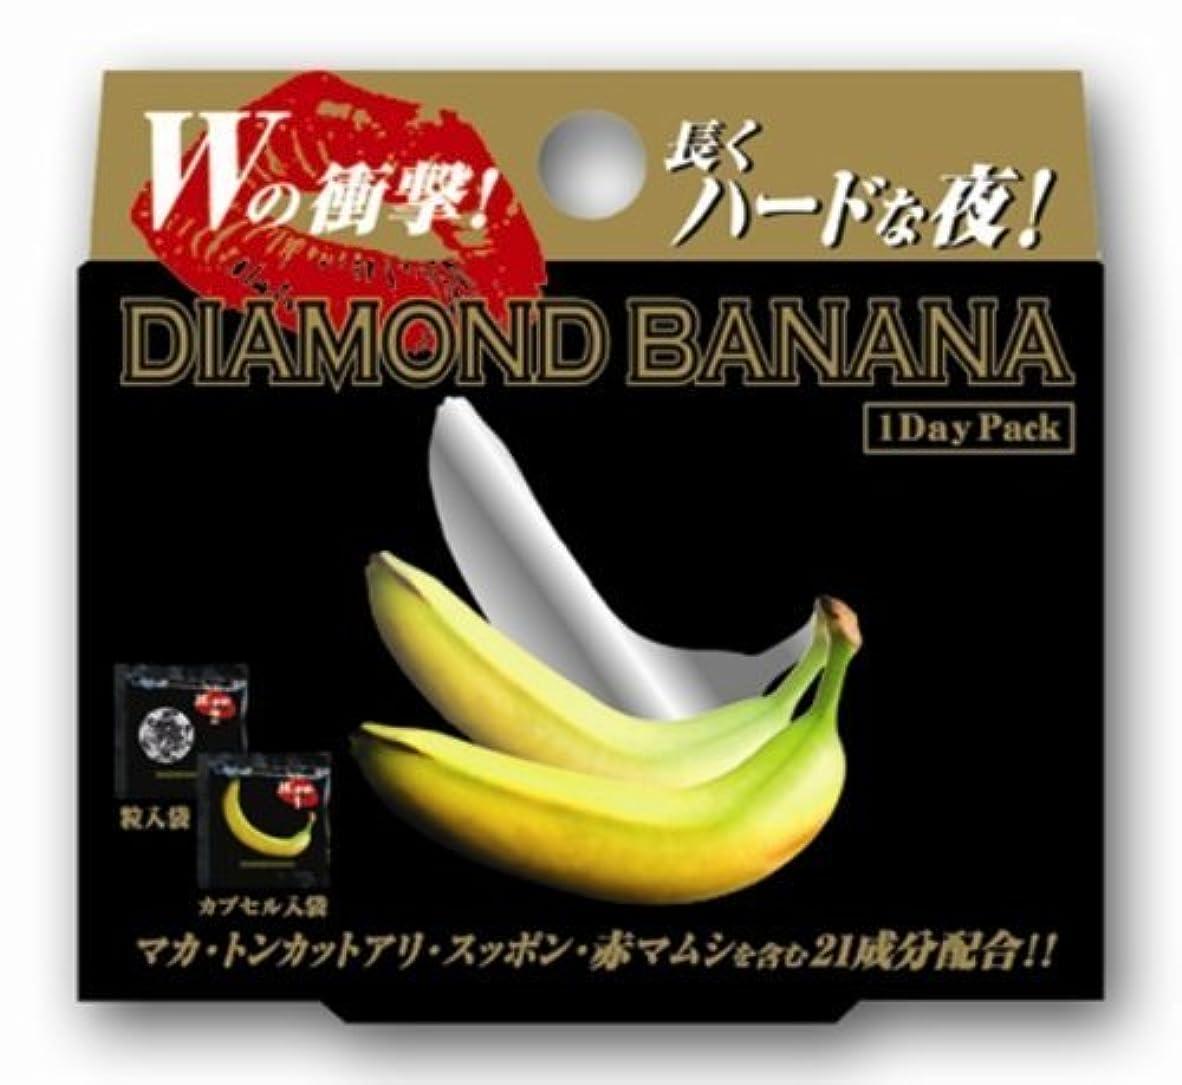 野生エンジニア薄める【2個セット】ダイヤモンドバナナ 1DAYパック